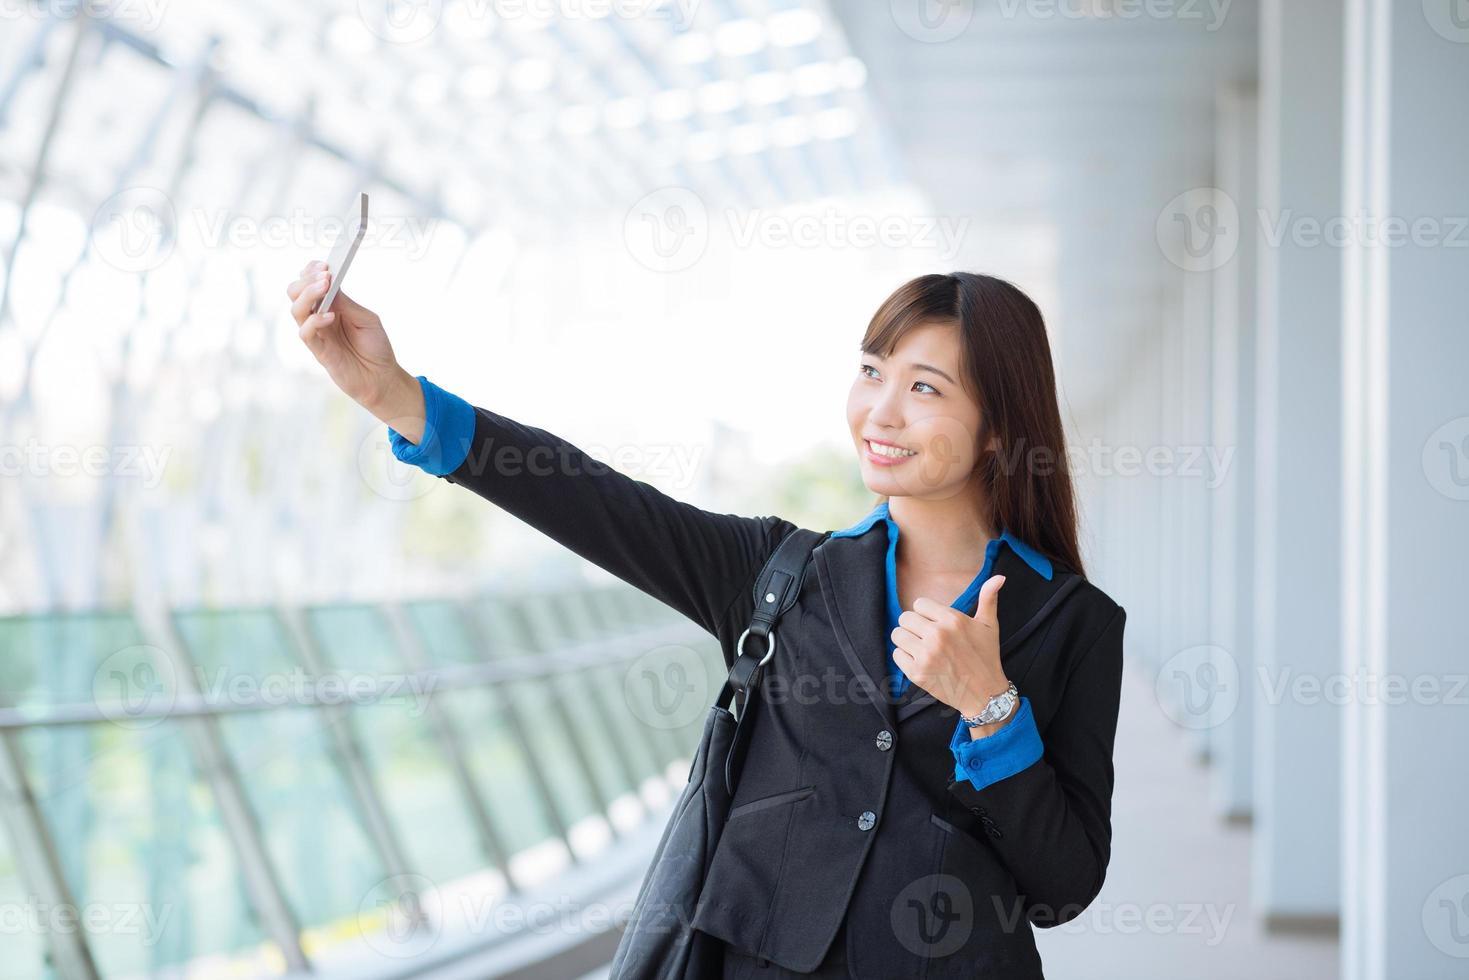 prendre selfie photo